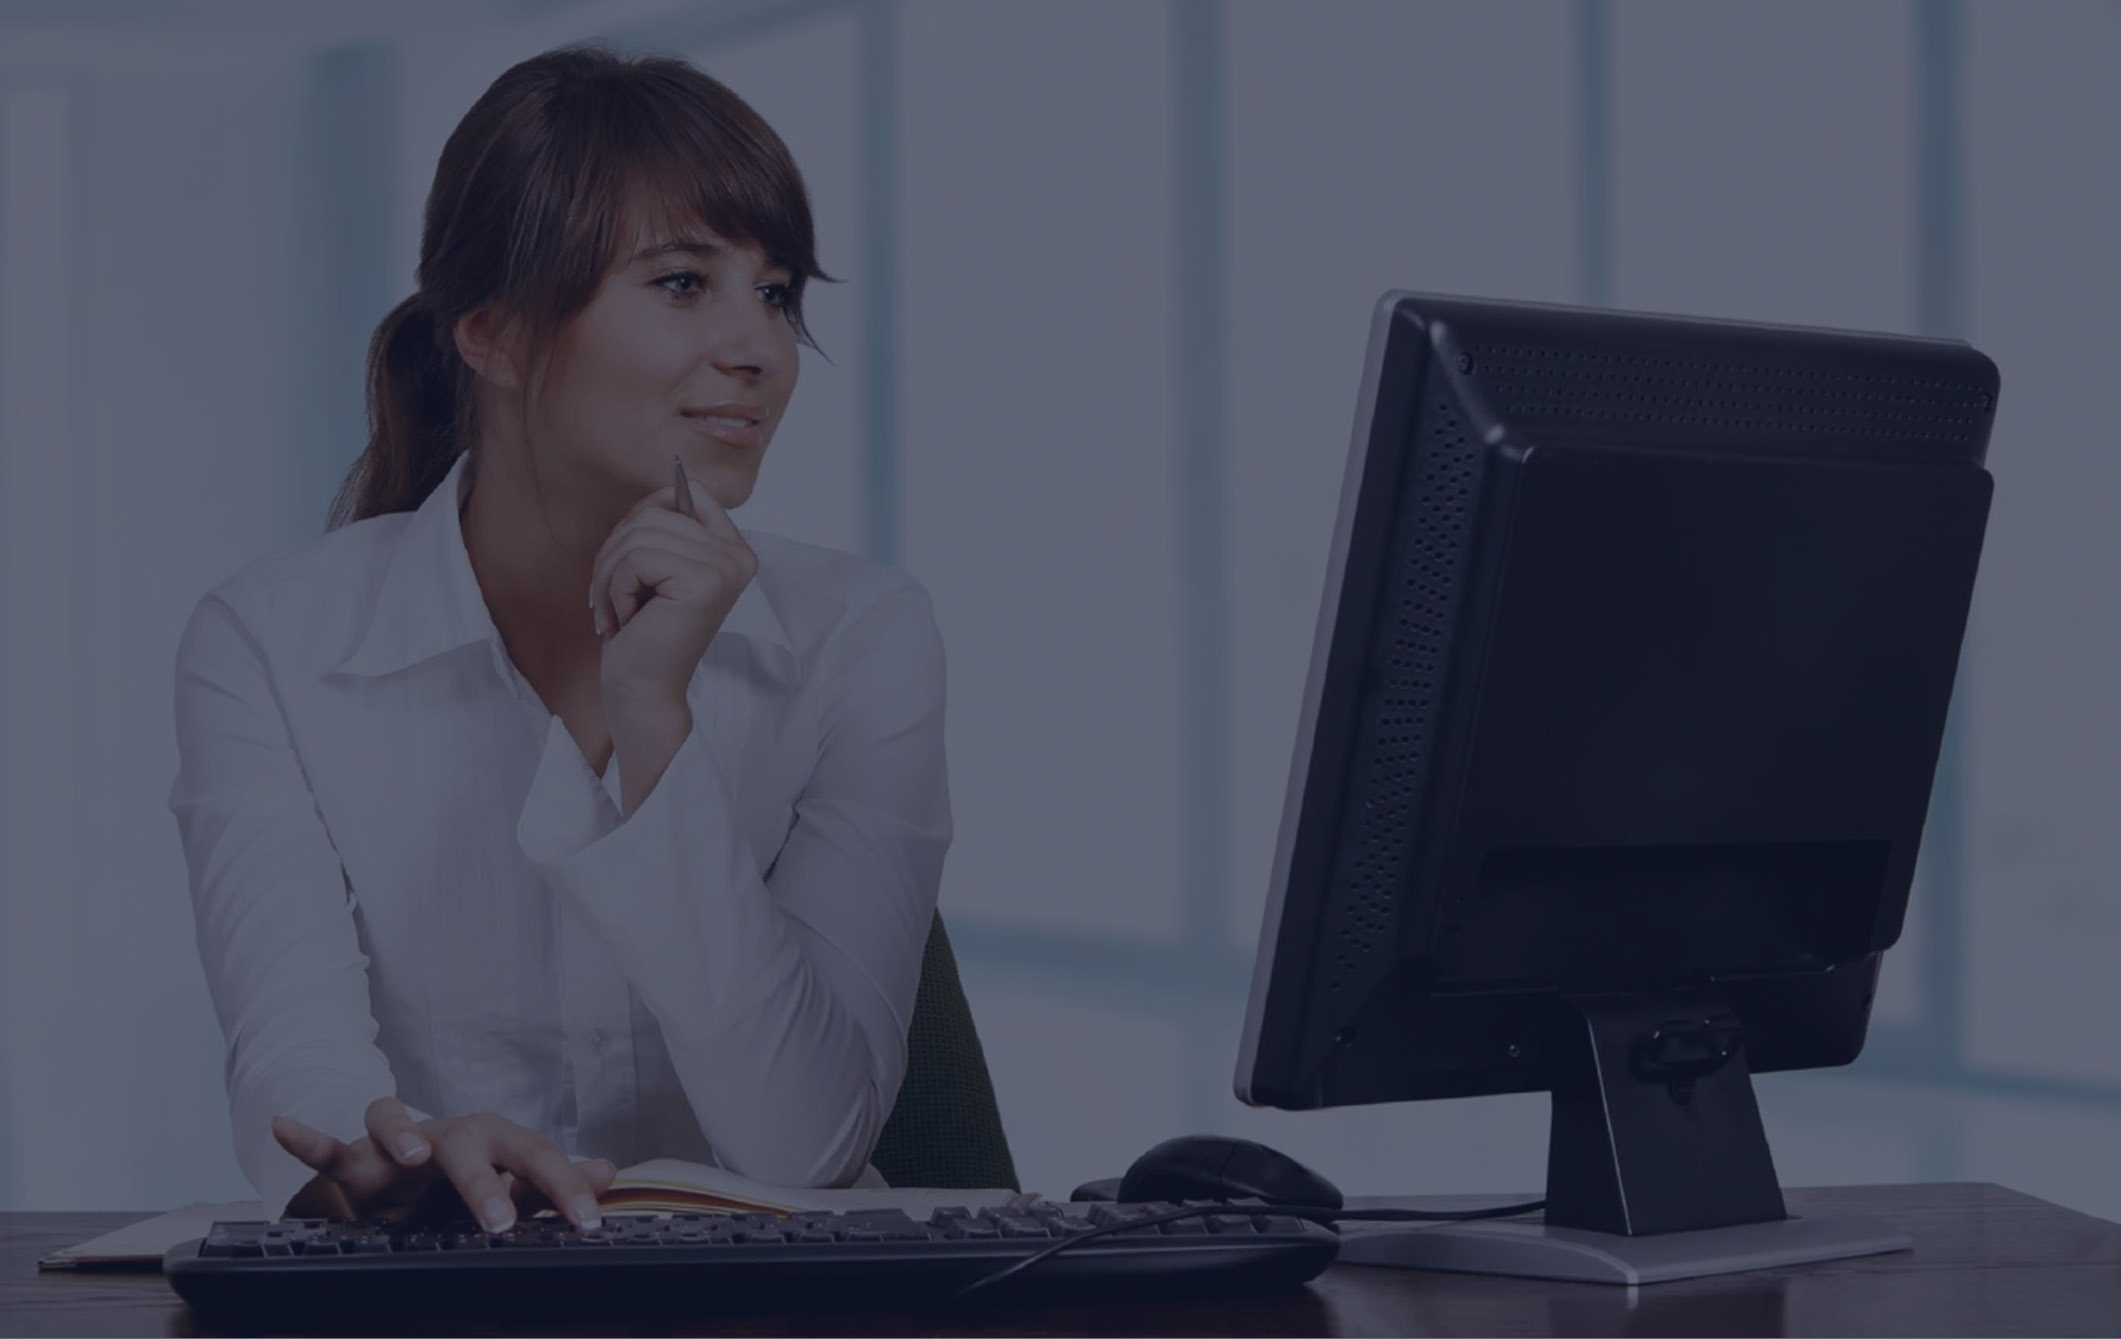 Оператор электронно-вычислительных и вычислительных машин/Пользователь ПК